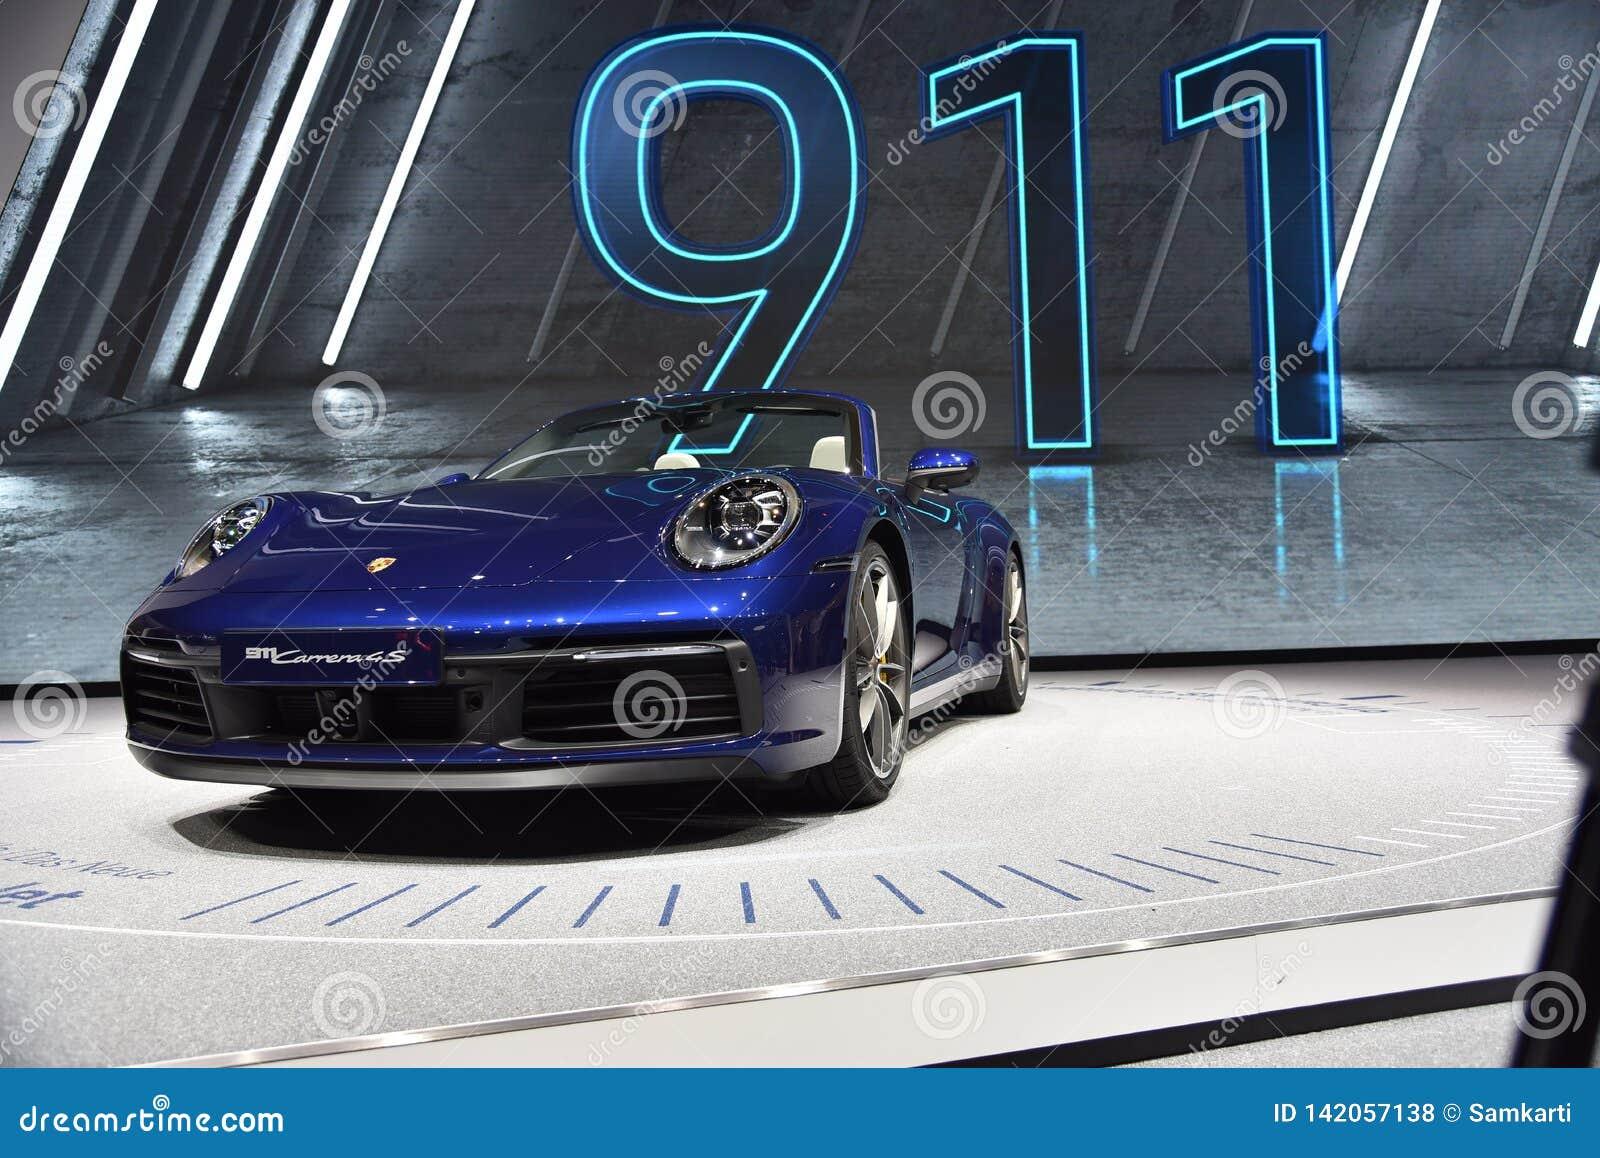 Genf, die Schweiz - 5. März 2019: Cabrioletauto Porsches 911 Carrera 4s stellte an der 89. Genf-Internationalen Automobilausstell